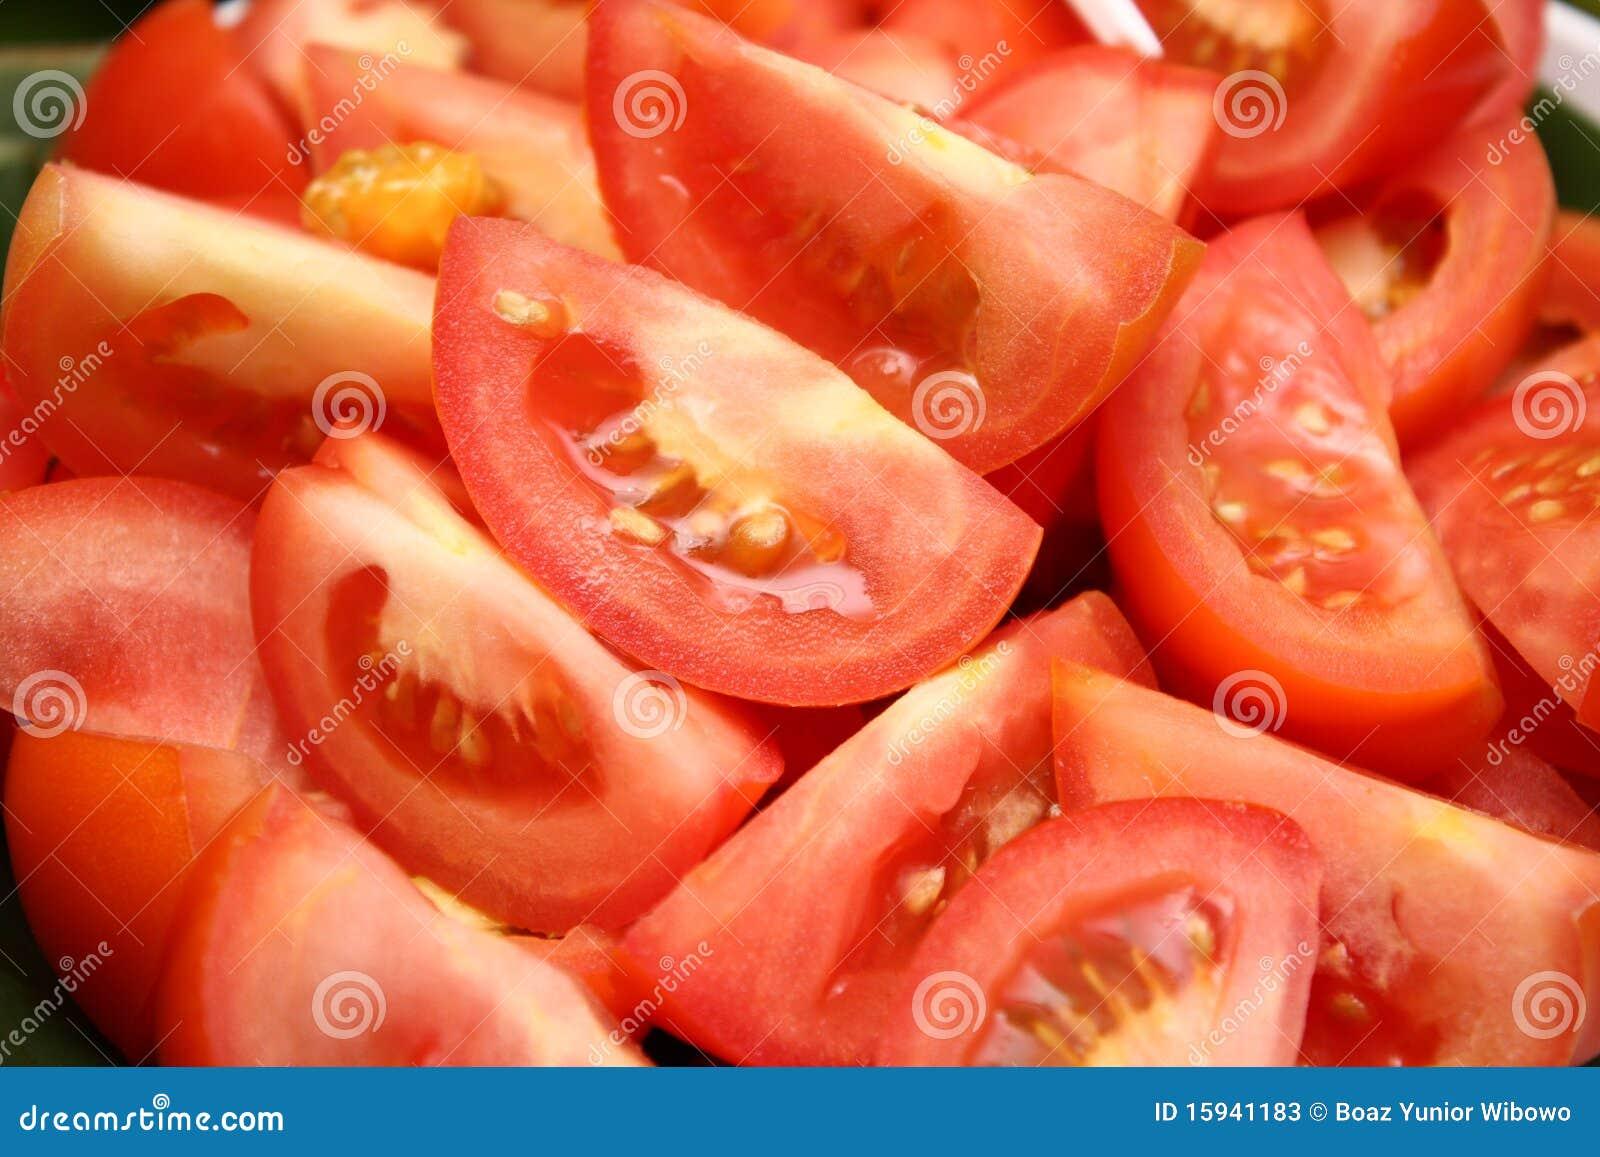 ντομάτα αποκοπών